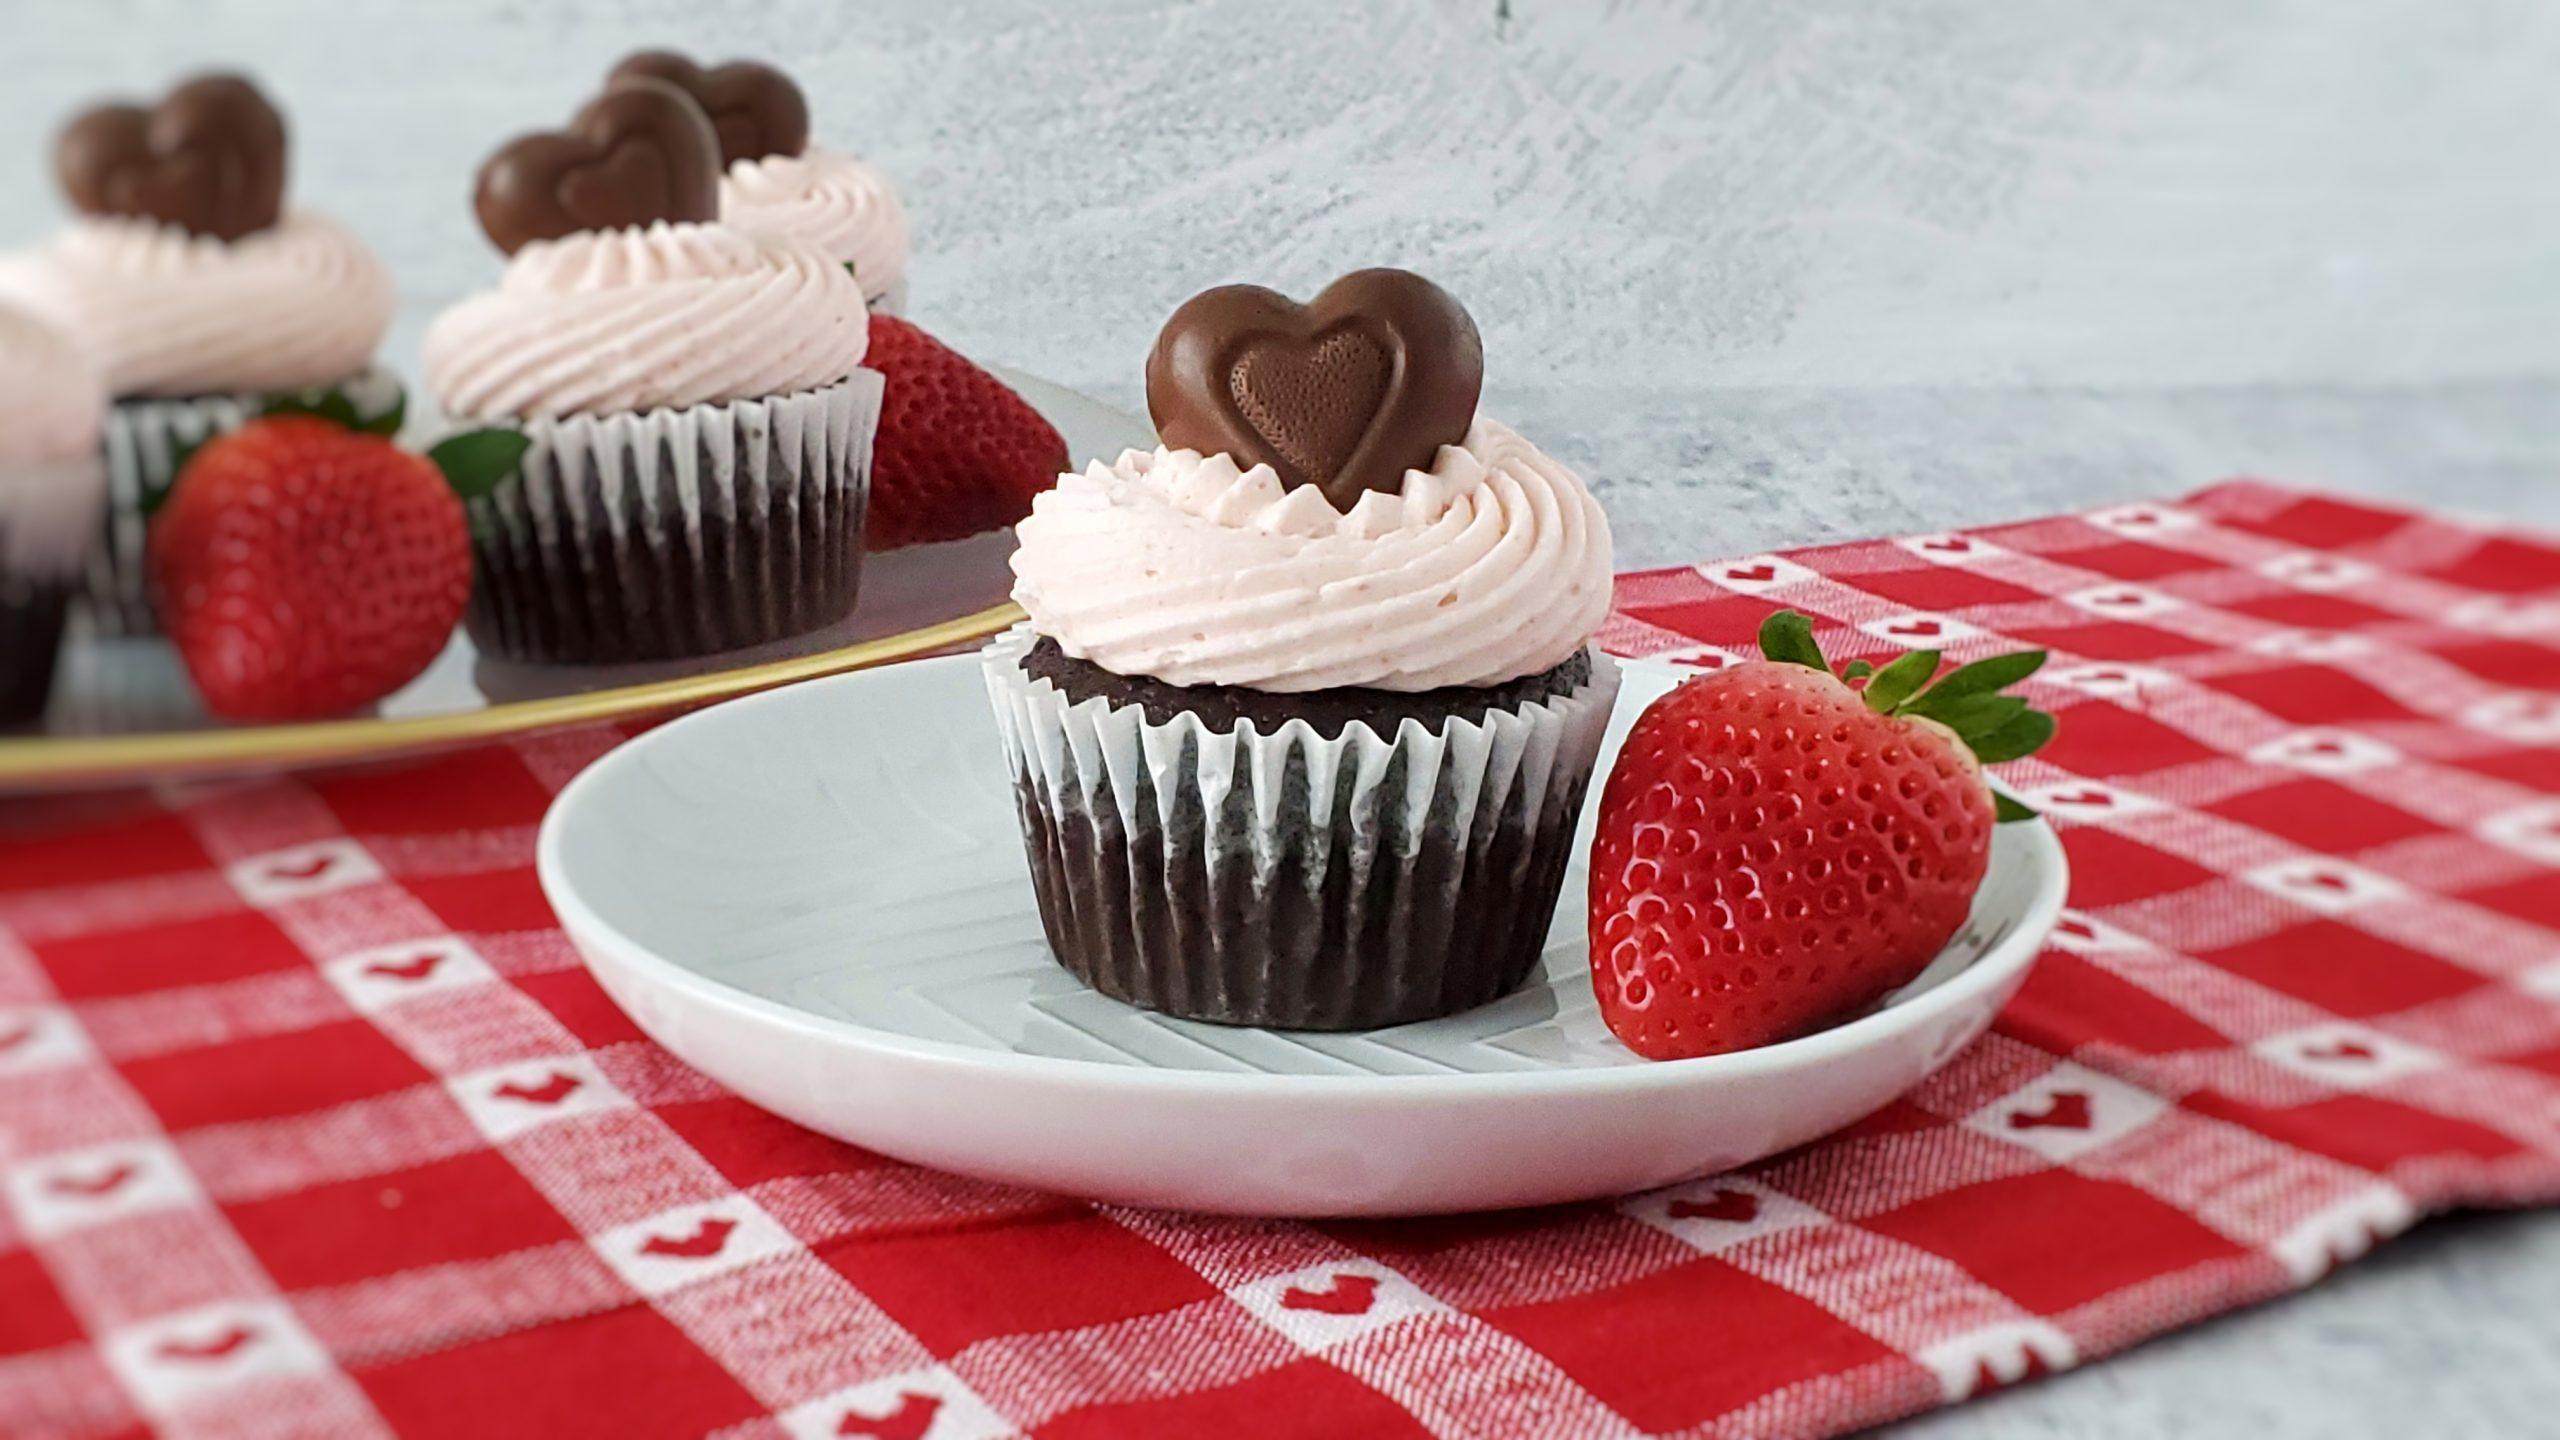 Cupcakes de Chocolate com Morango